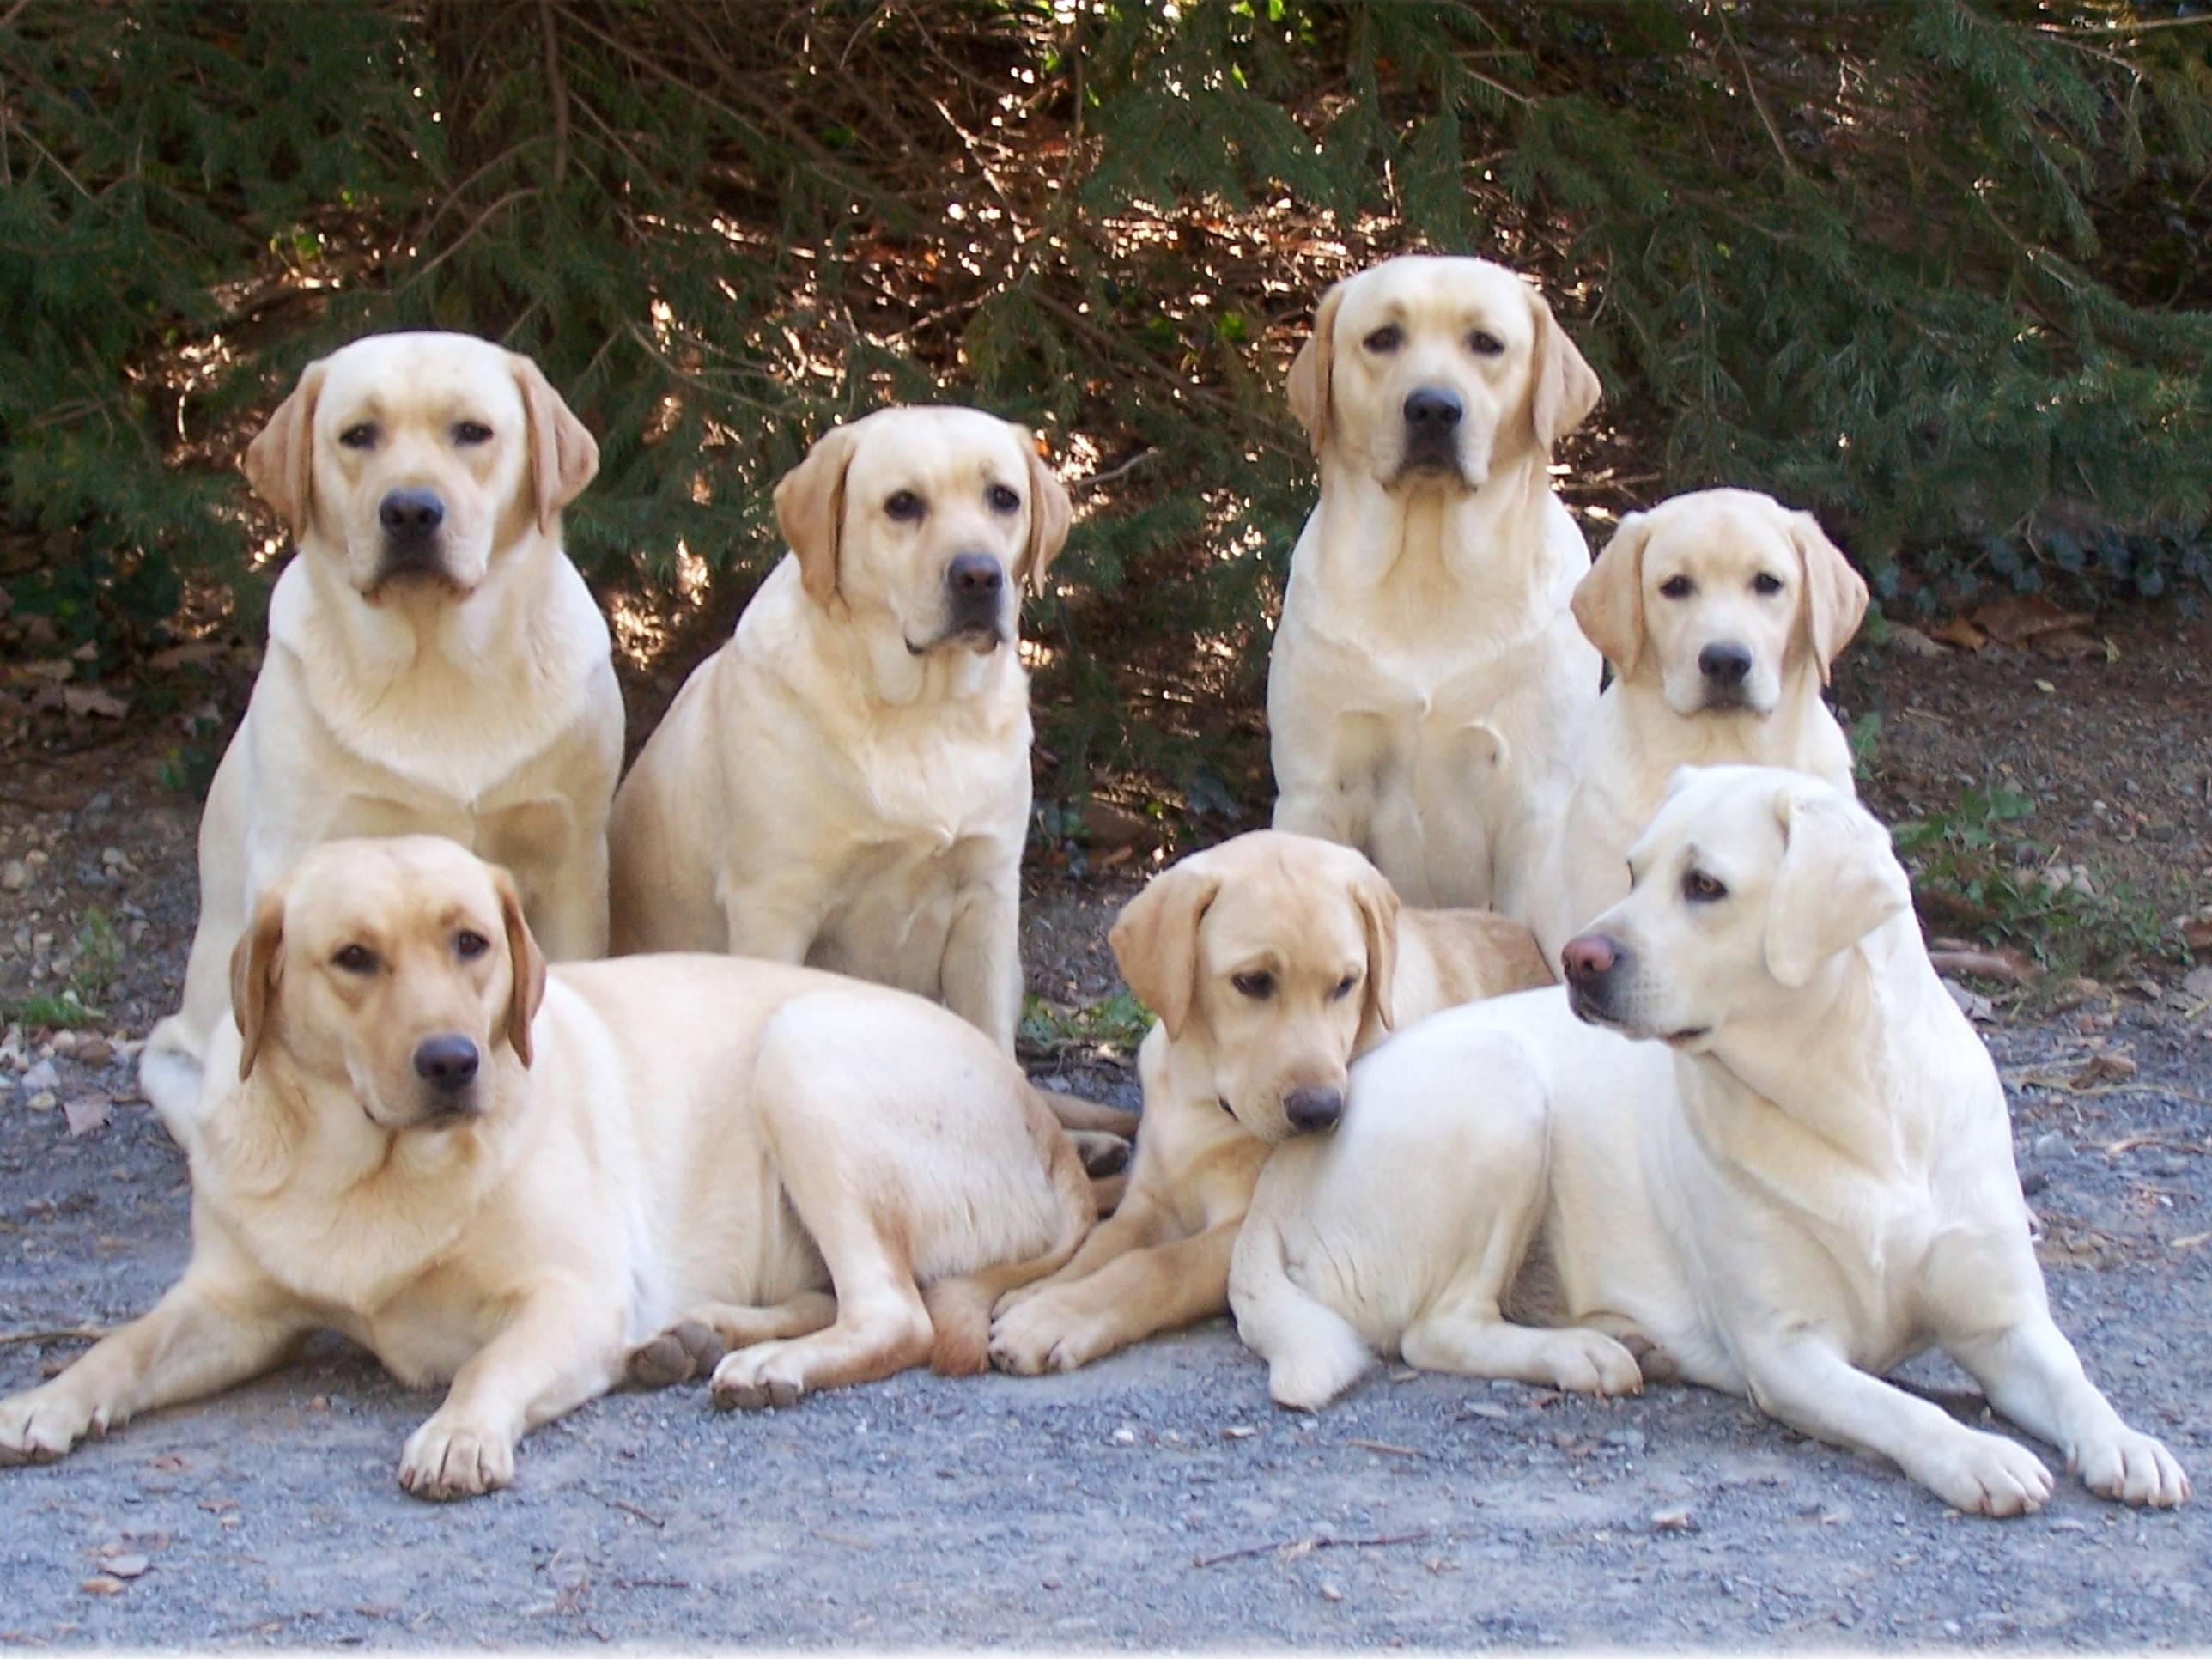 Золотистый ретривер - описание породы и характер собаки, уход и кормление, выбор щенков и цена